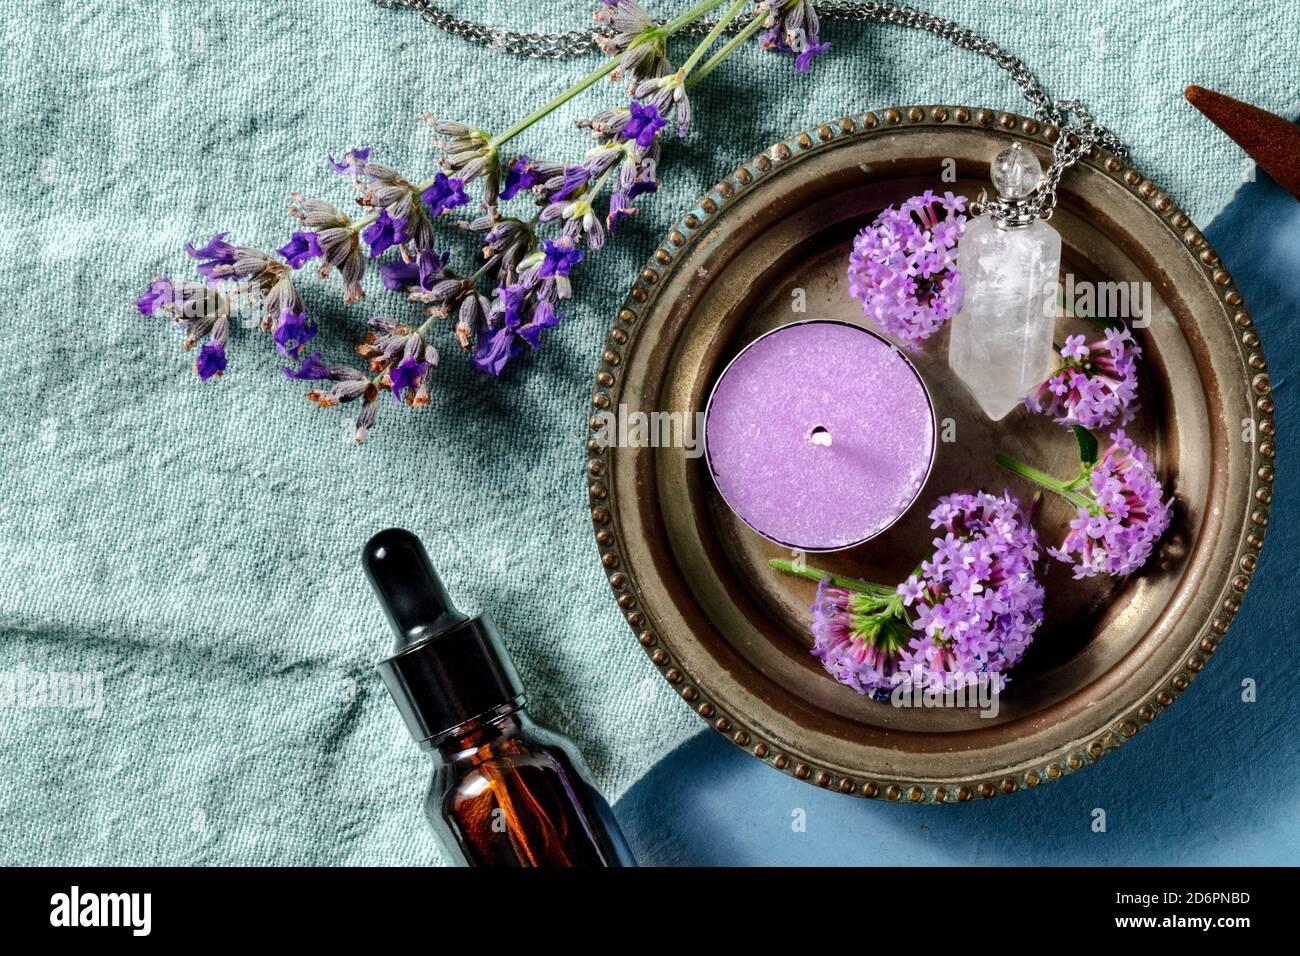 Ätherisches Öl und sein Nutzungskonzept mit Kopierraum. Aromatische Kerze und ein Fläschchen für Parfüm Lavendel und Vervain, von oben auf blauem Hintergrund geschossen Stockfoto